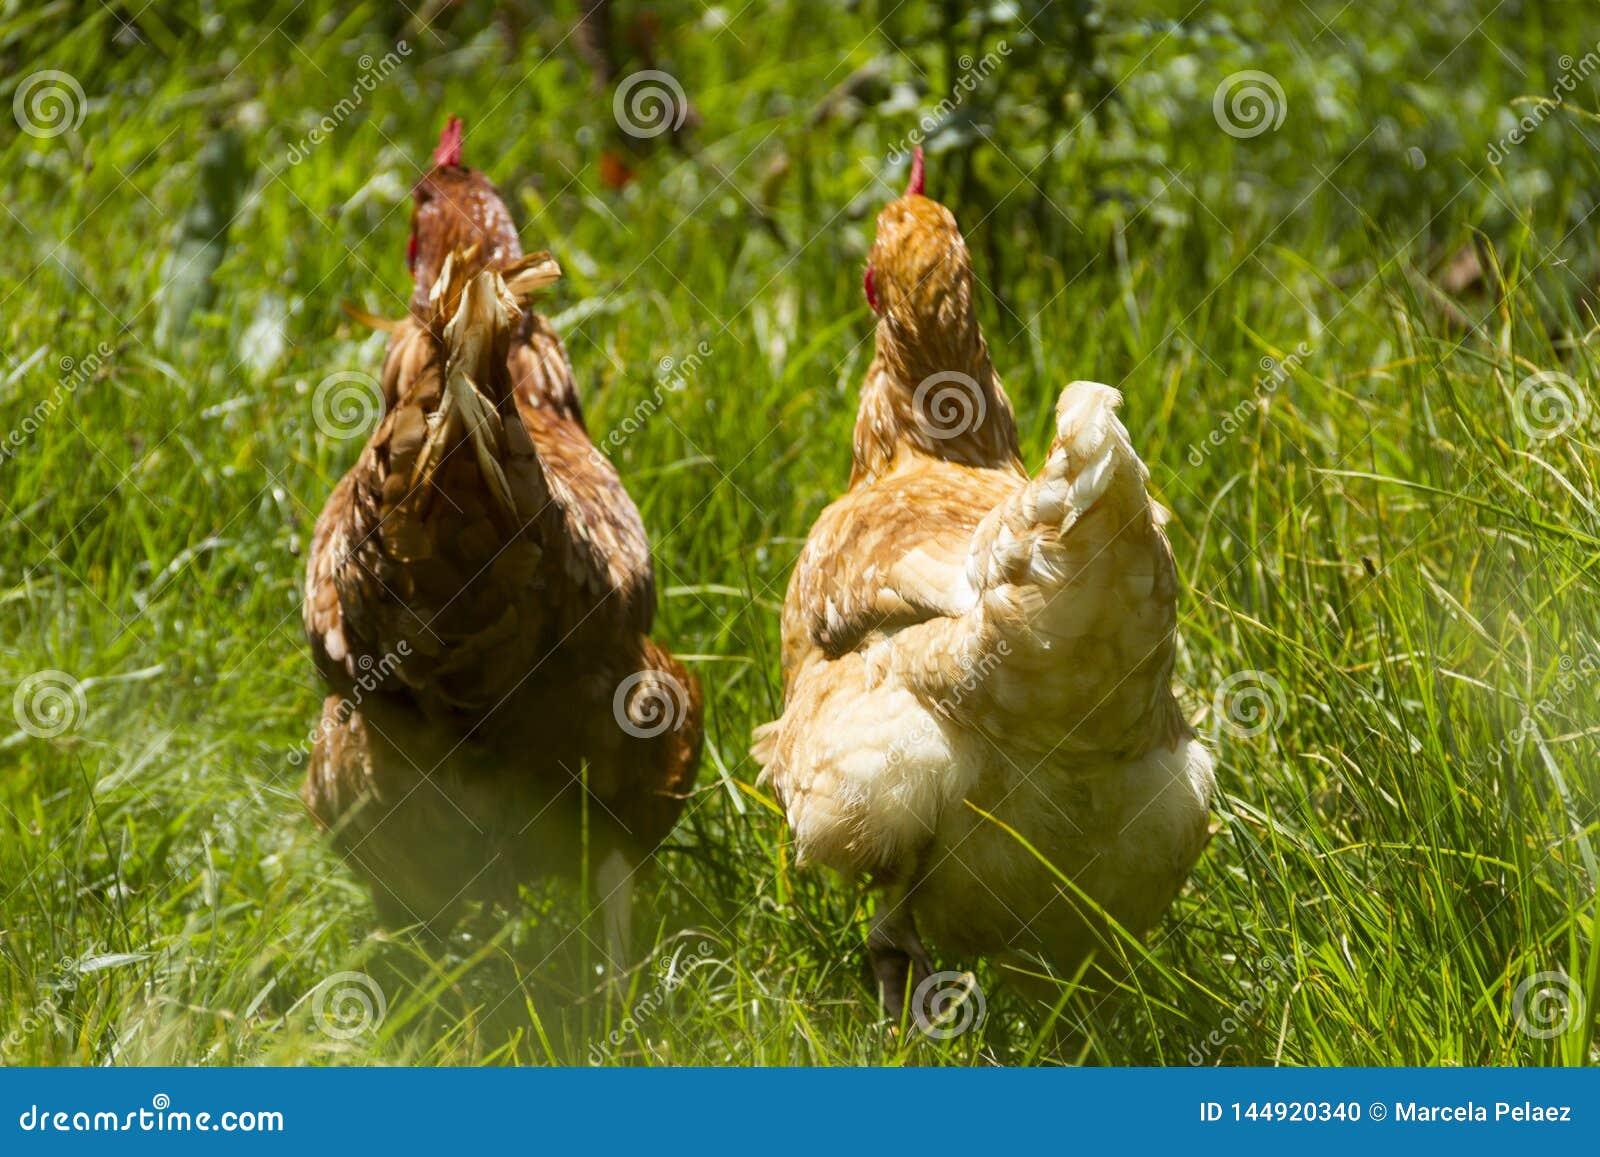 Gallinas libres que pastan día orgánico del sol de la hierba verde de los huevos